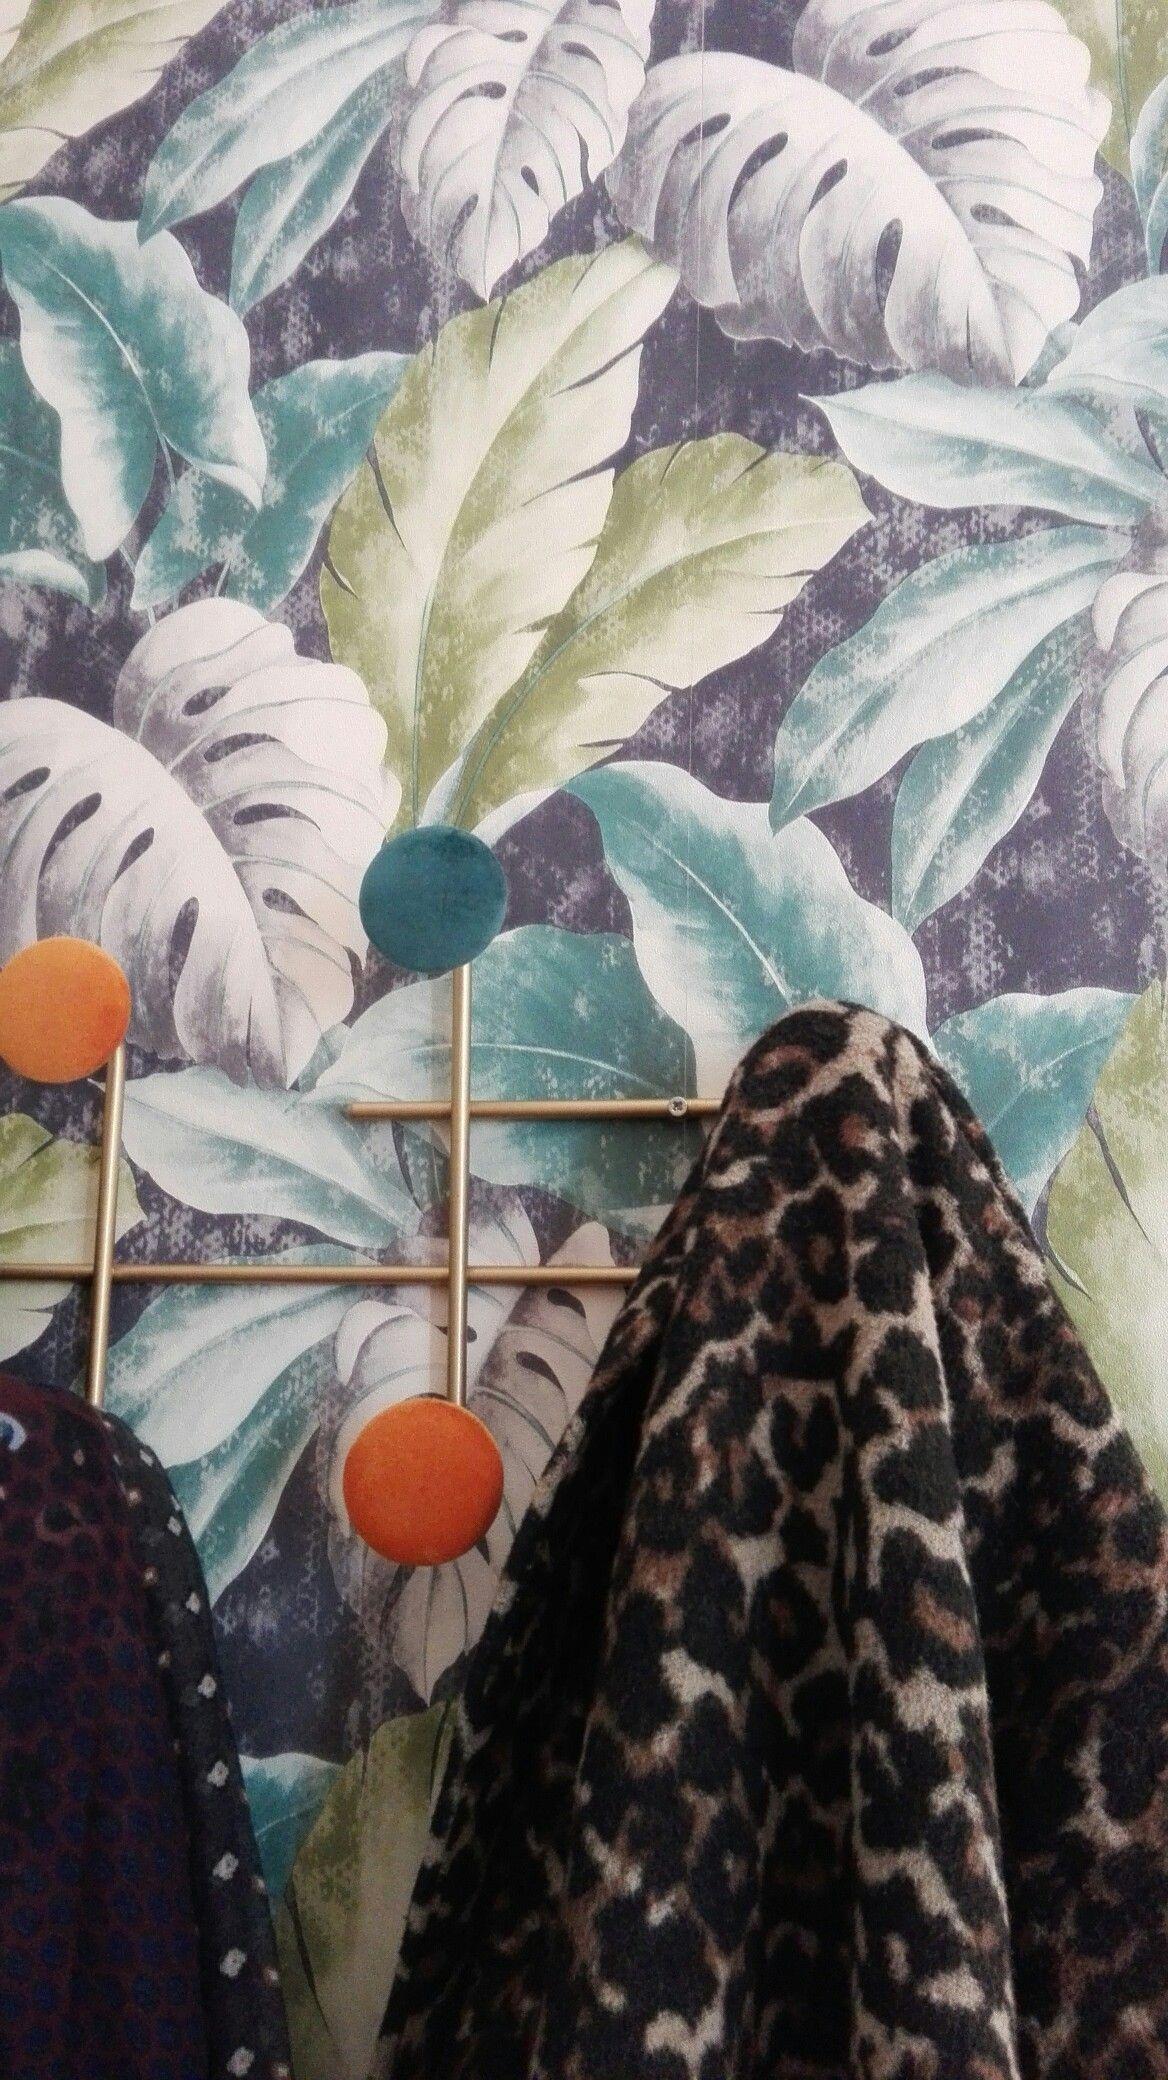 Maison Du Monde Appendiabiti A Muro.Attaccapanni A Muro Carta Parati Leroy Merlin Attaccapanni Maison Du